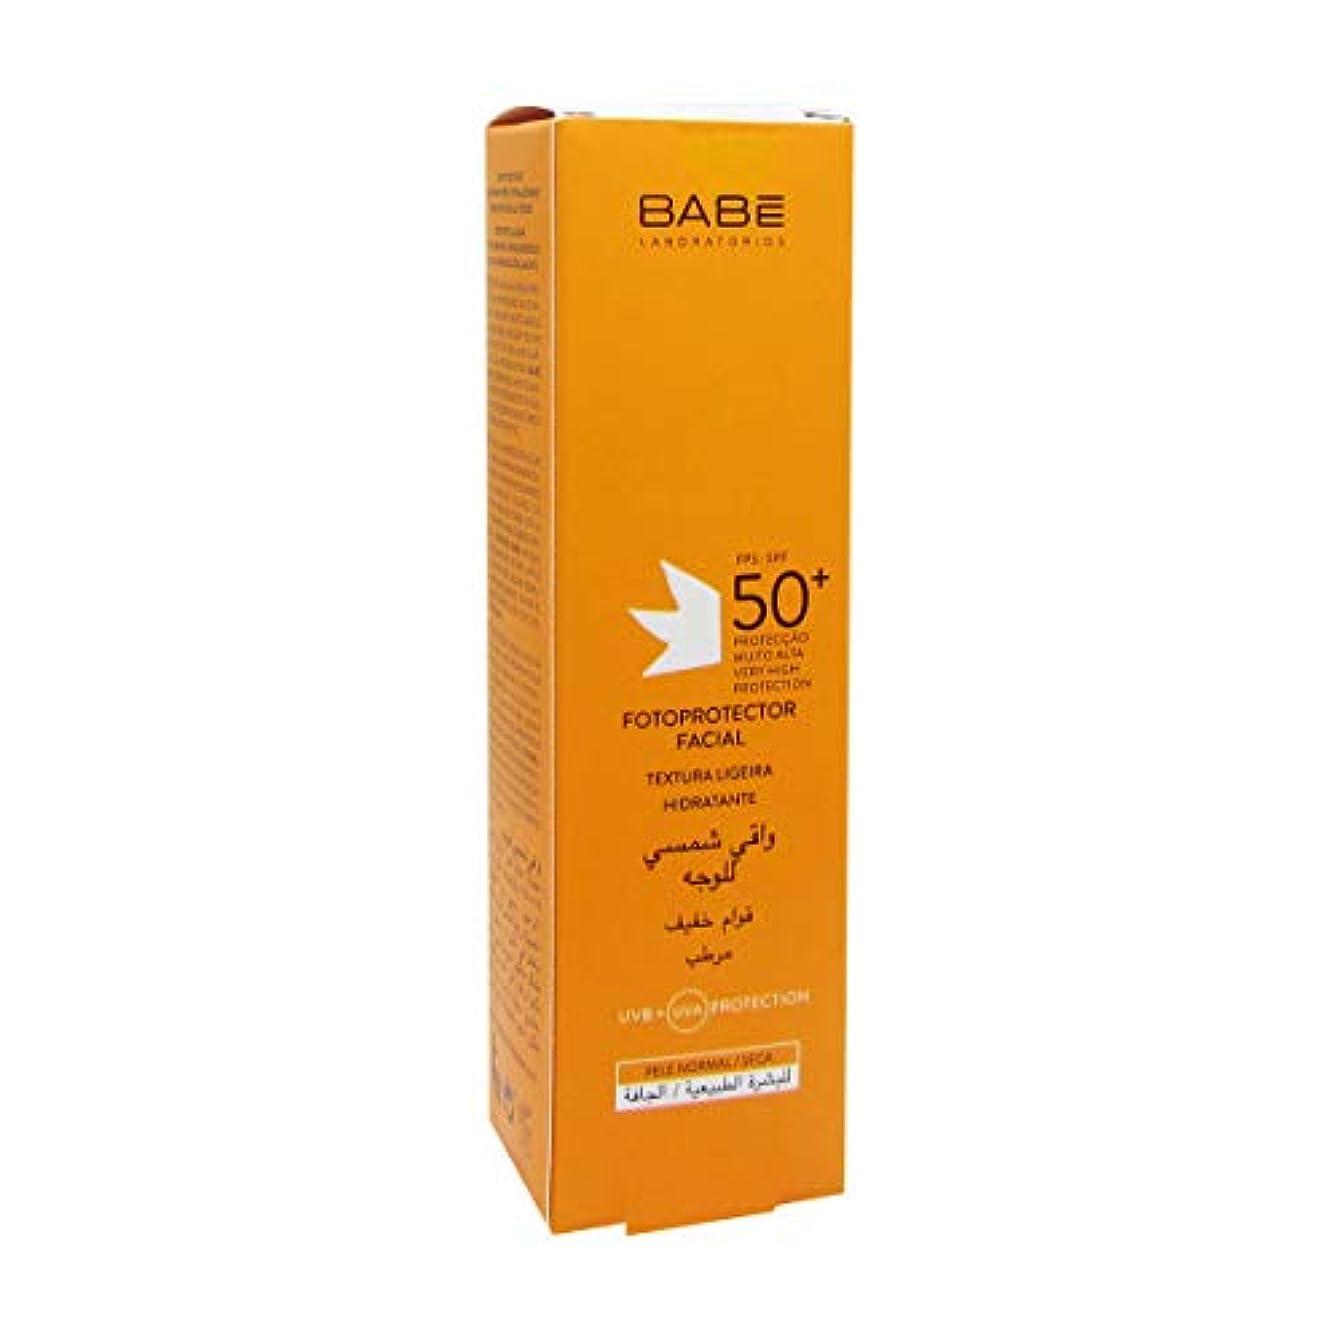 大きさ機転段落Bab Sun Light Facial Photoprotector Fps50+ 50ml [並行輸入品]